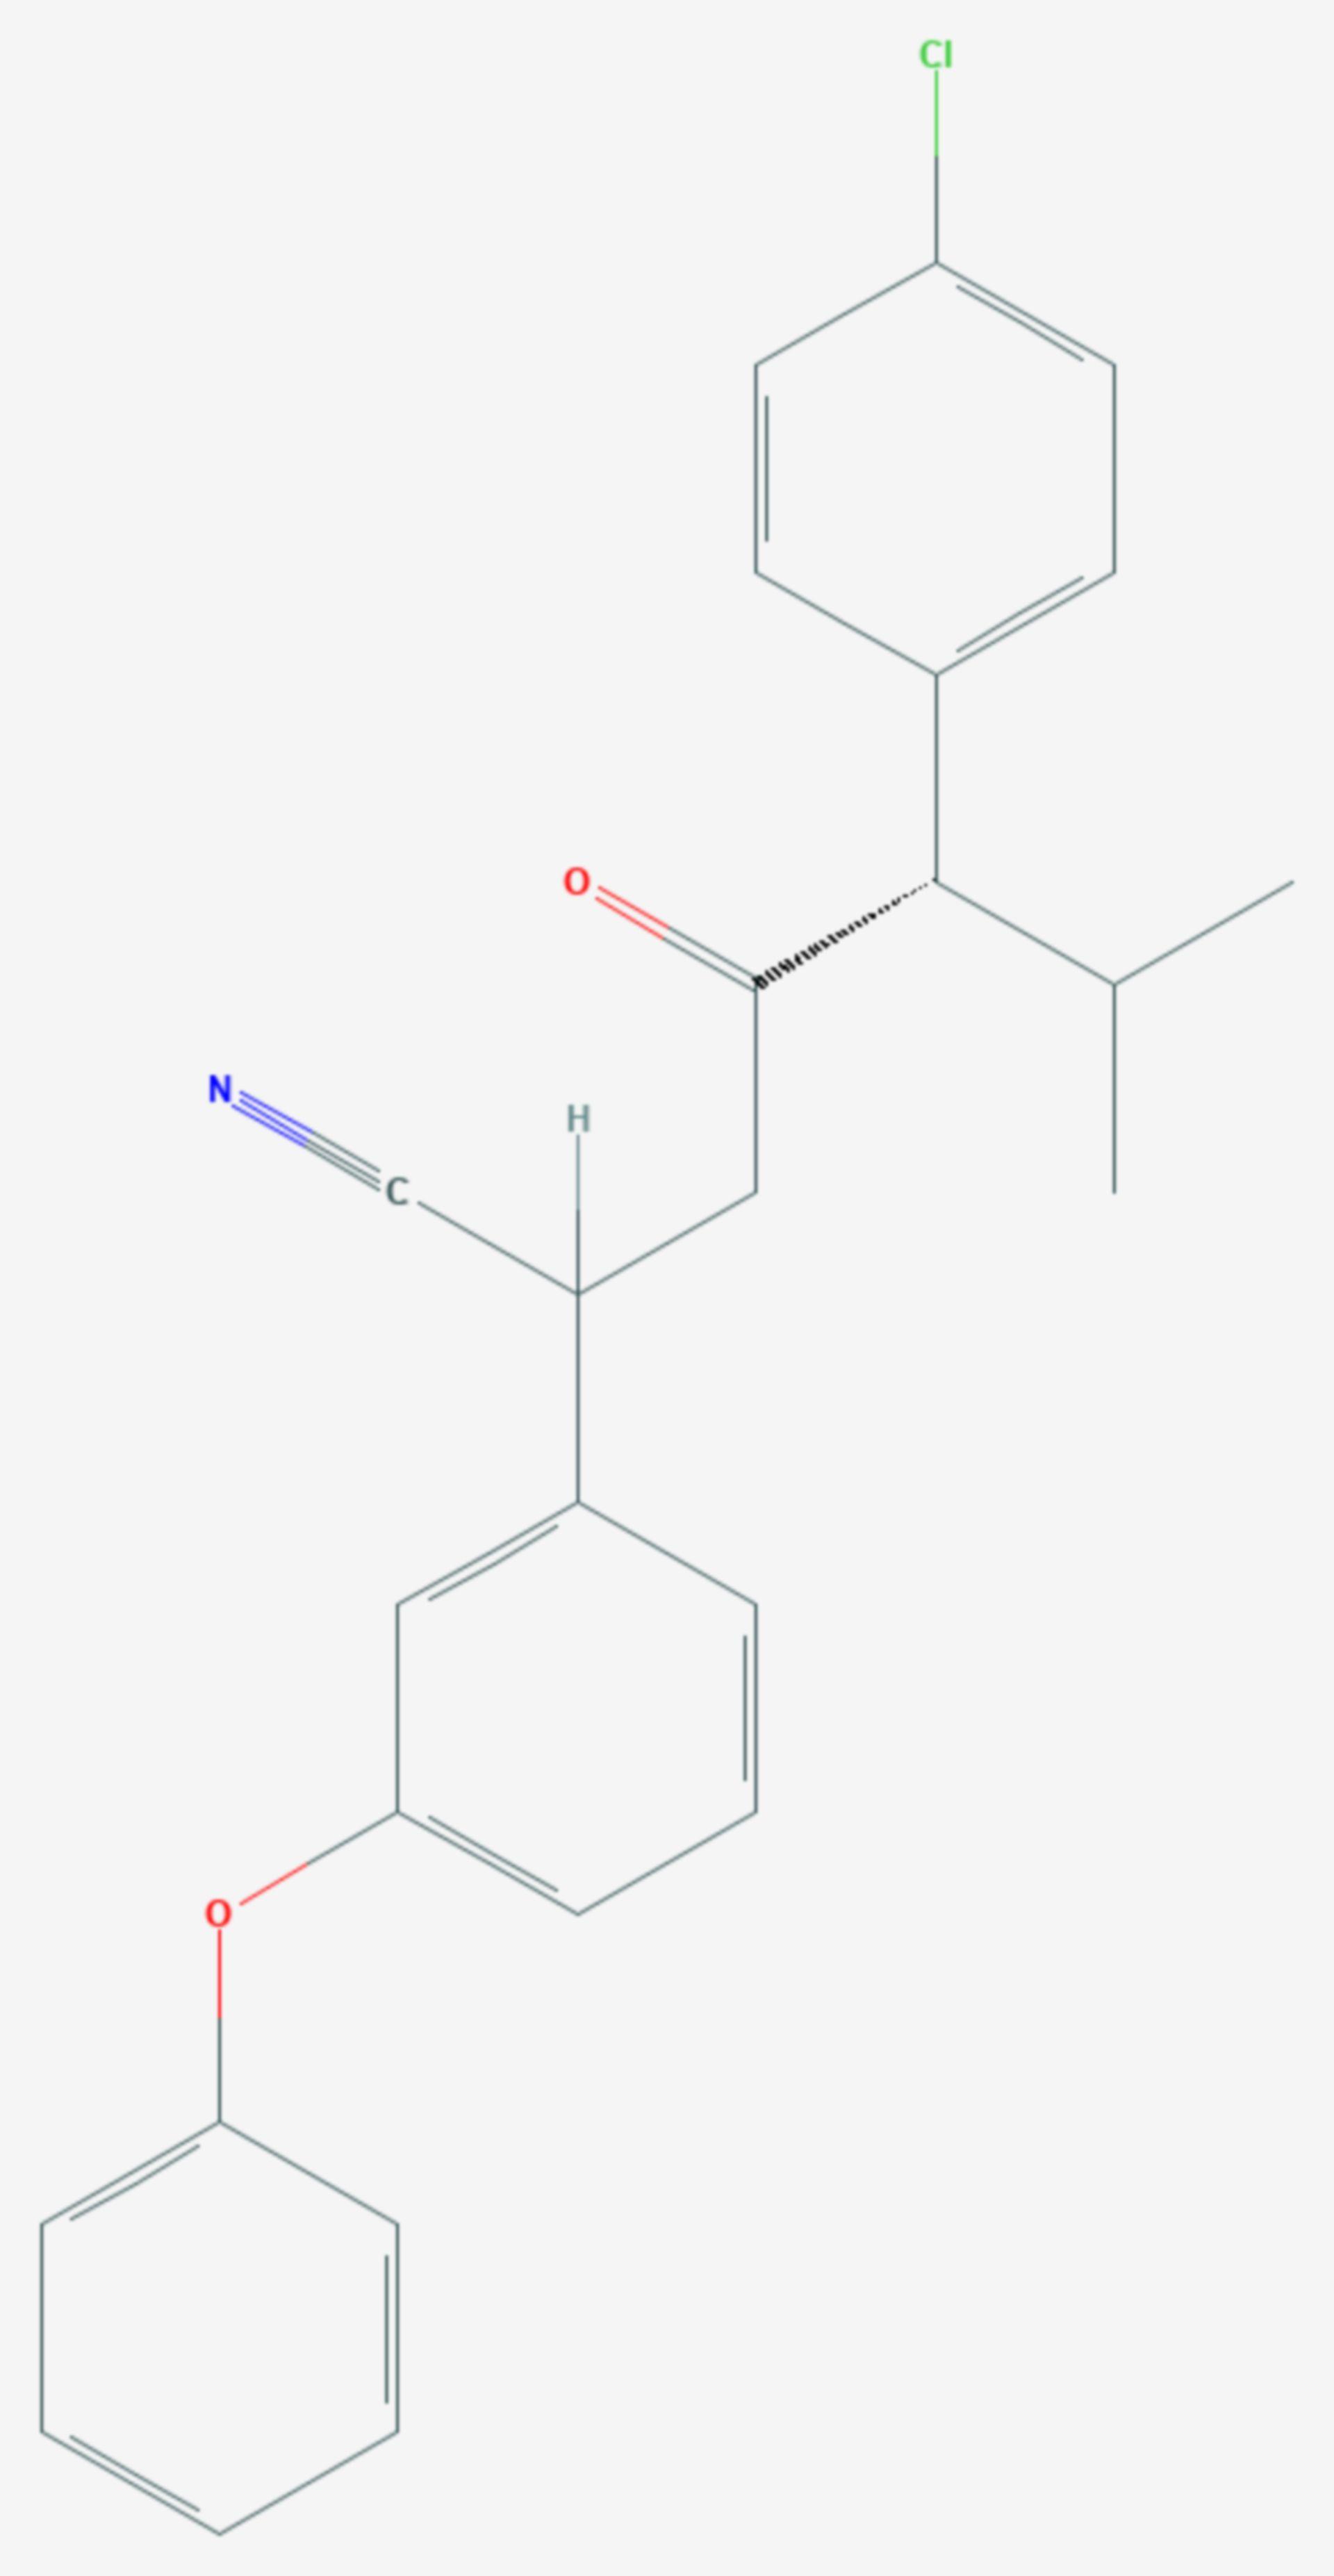 Esfenvalerat (Strukturformel)